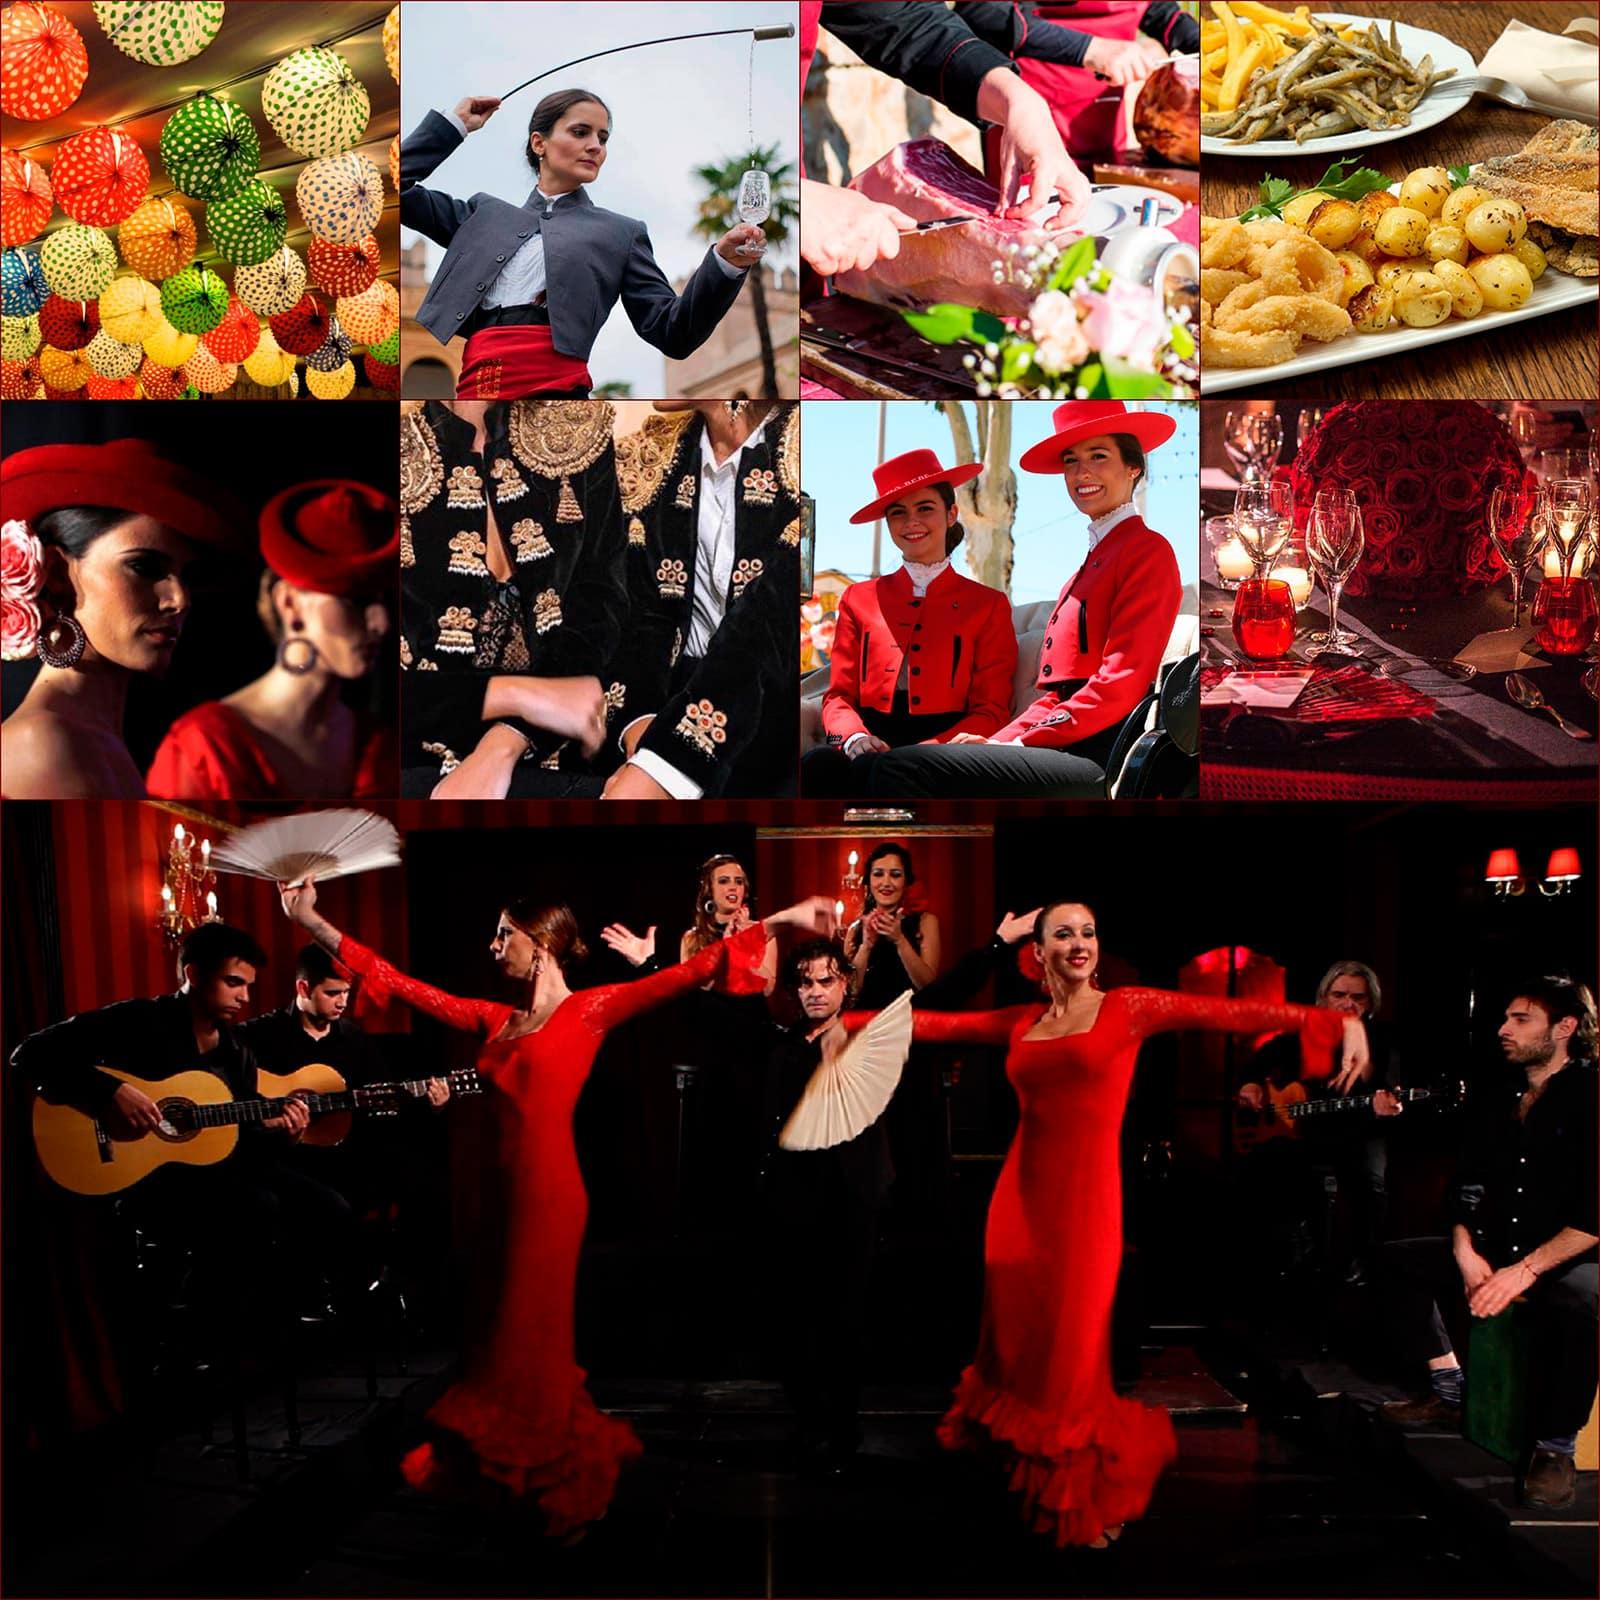 Cena con espectáculo de flamenco en Barcelona, su cena de gala y flamenco privada